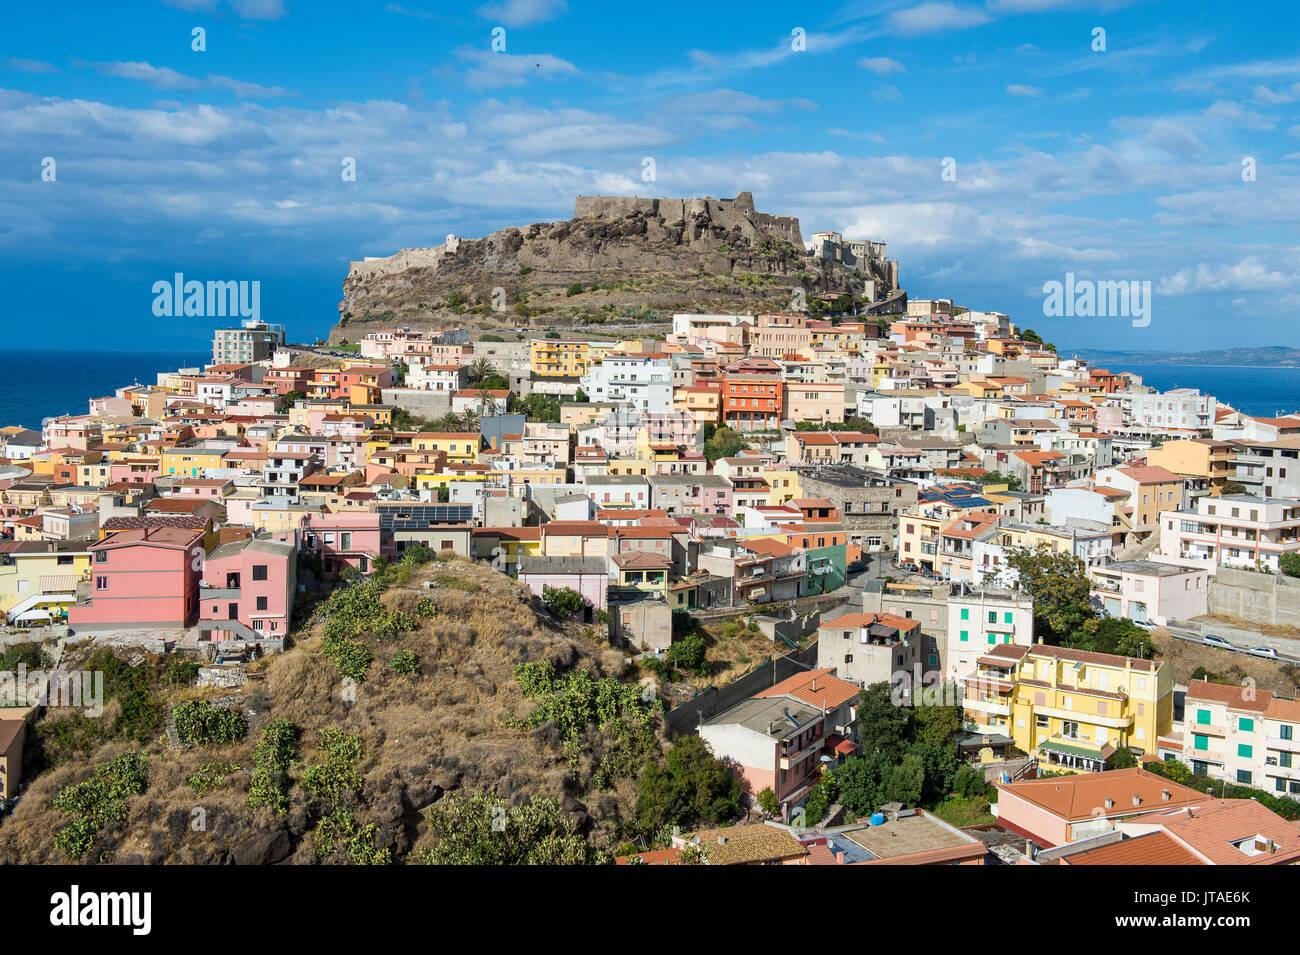 Blick auf Castelsardo, Sardinien, Italien, Mittelmeer, Europa Stockfoto